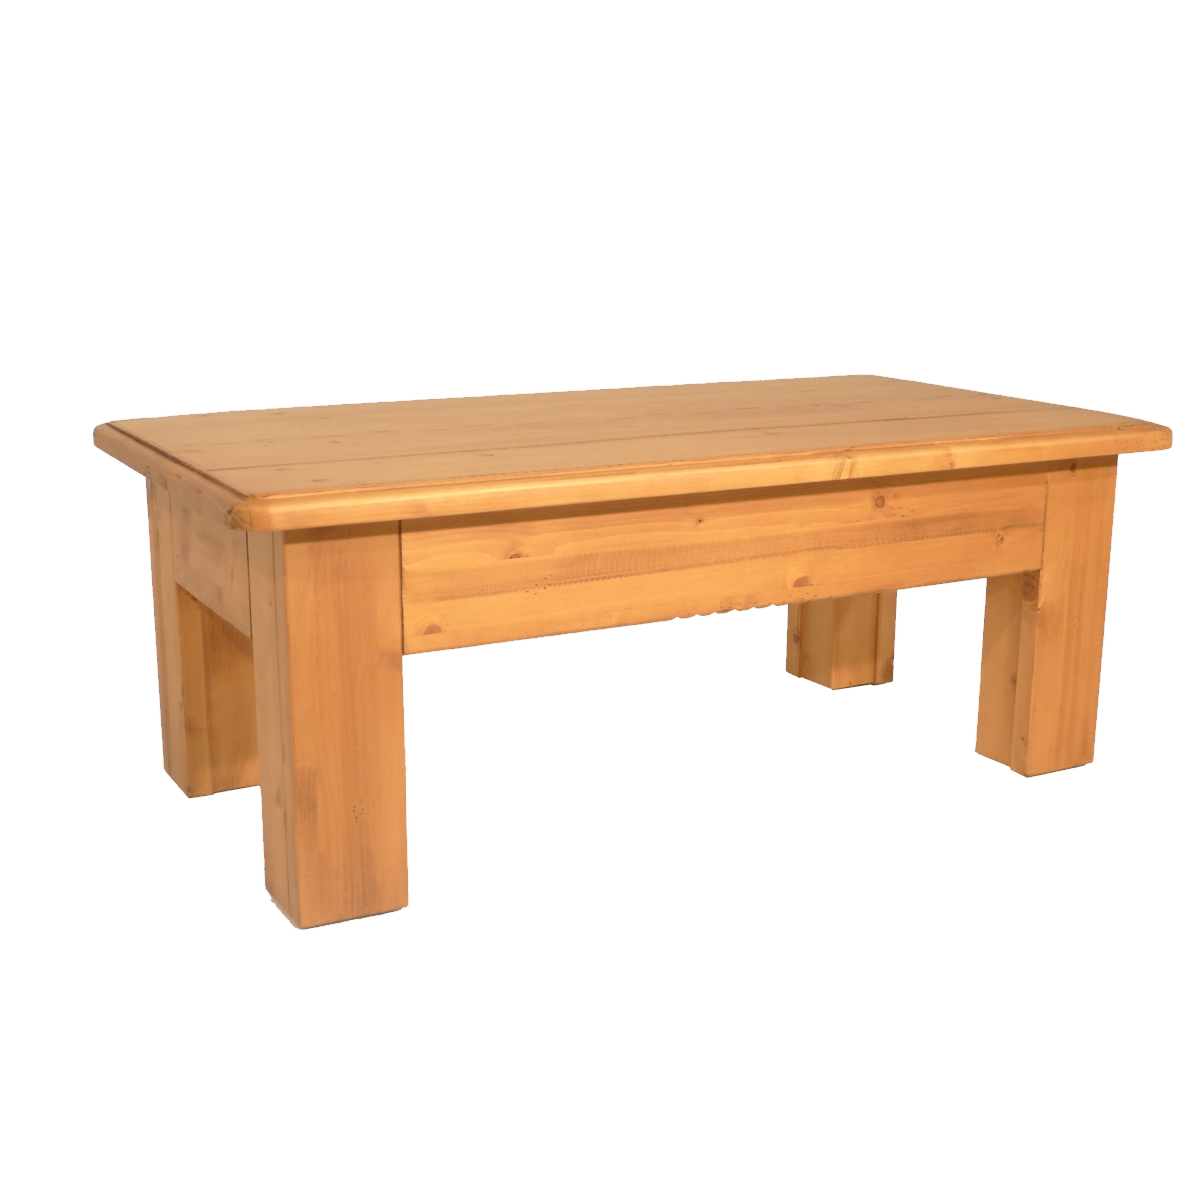 Mesa de centro r stica elevable ecor stico venta de muebles - Mesa de centro lack ...